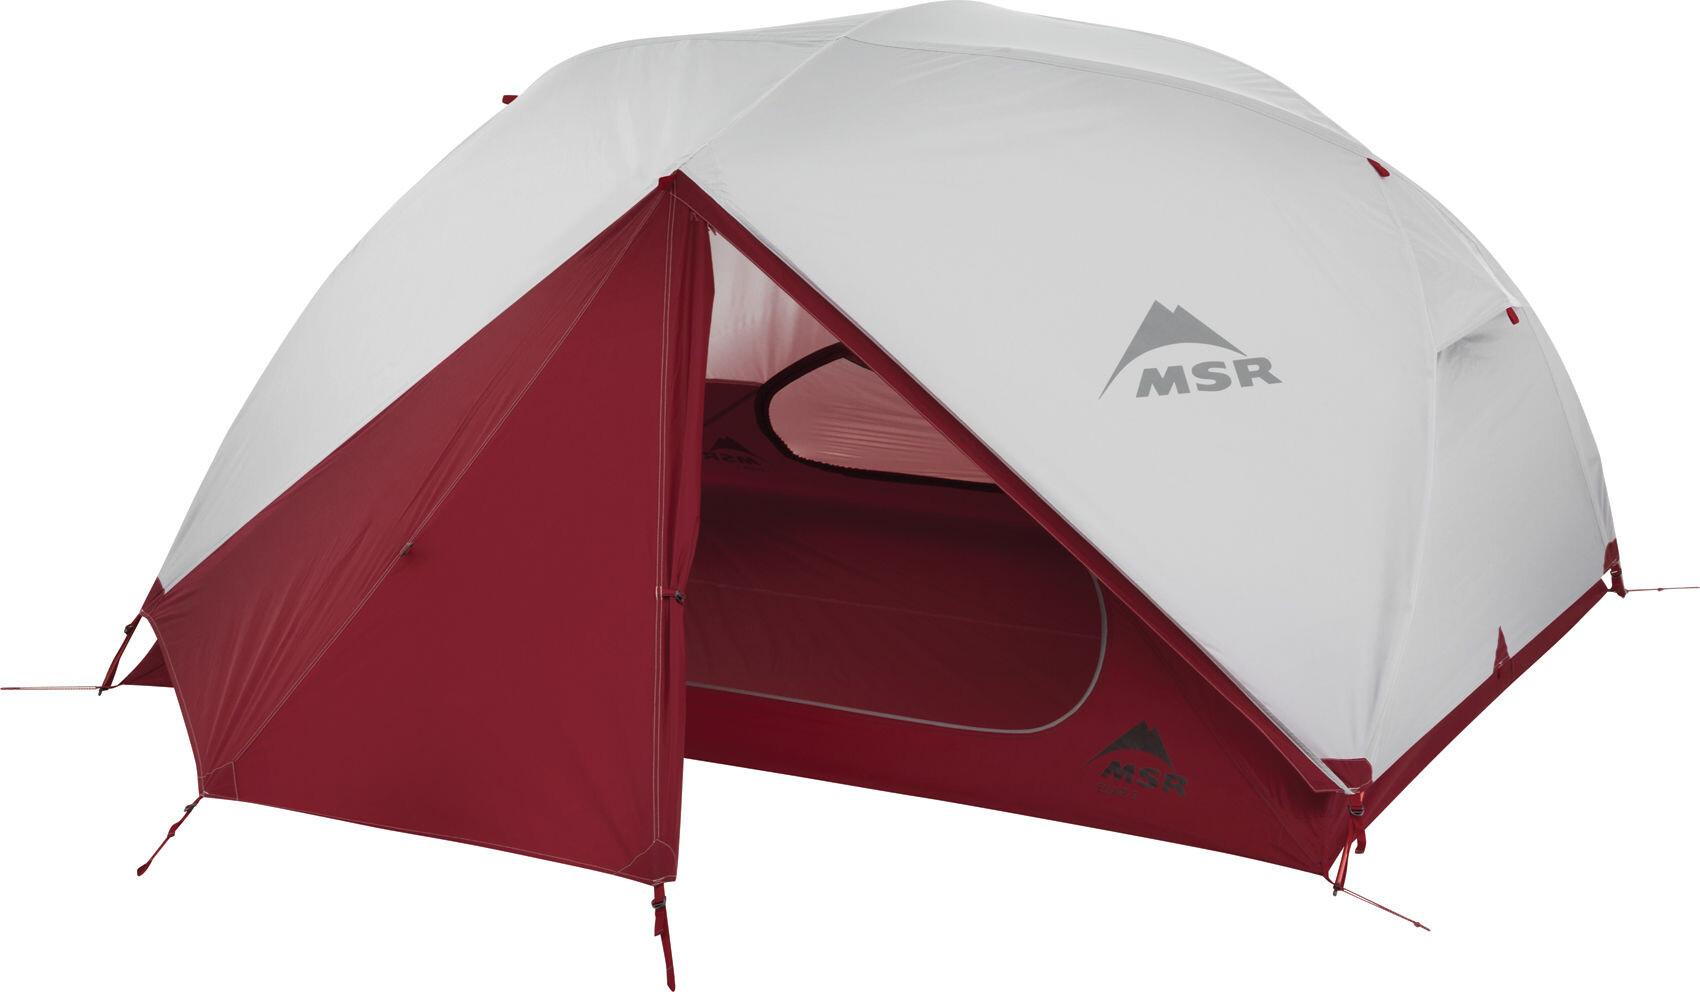 MSR 3 Personen Zelt günstig online kaufen |